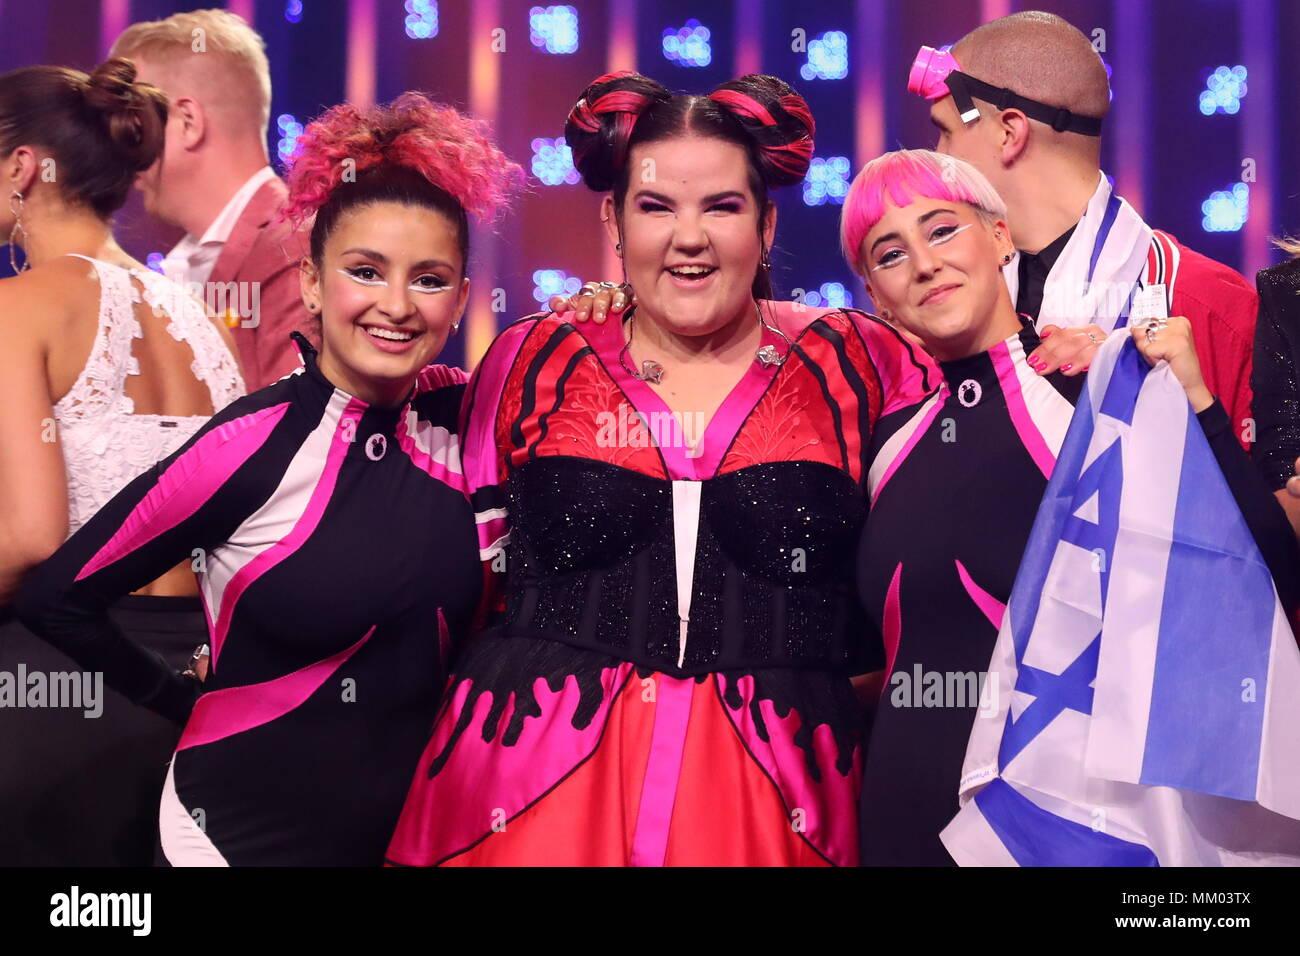 Lisbona, Portogallo. 09 Maggio, 2018. Lisbona, Portogallo - 8 Maggio 2018:  Singer Netta Barzilai (C) in rappresentanza di Israele nella prima  semifinale della 63a edizione del 2018 Concorso Eurovisione della canzone a